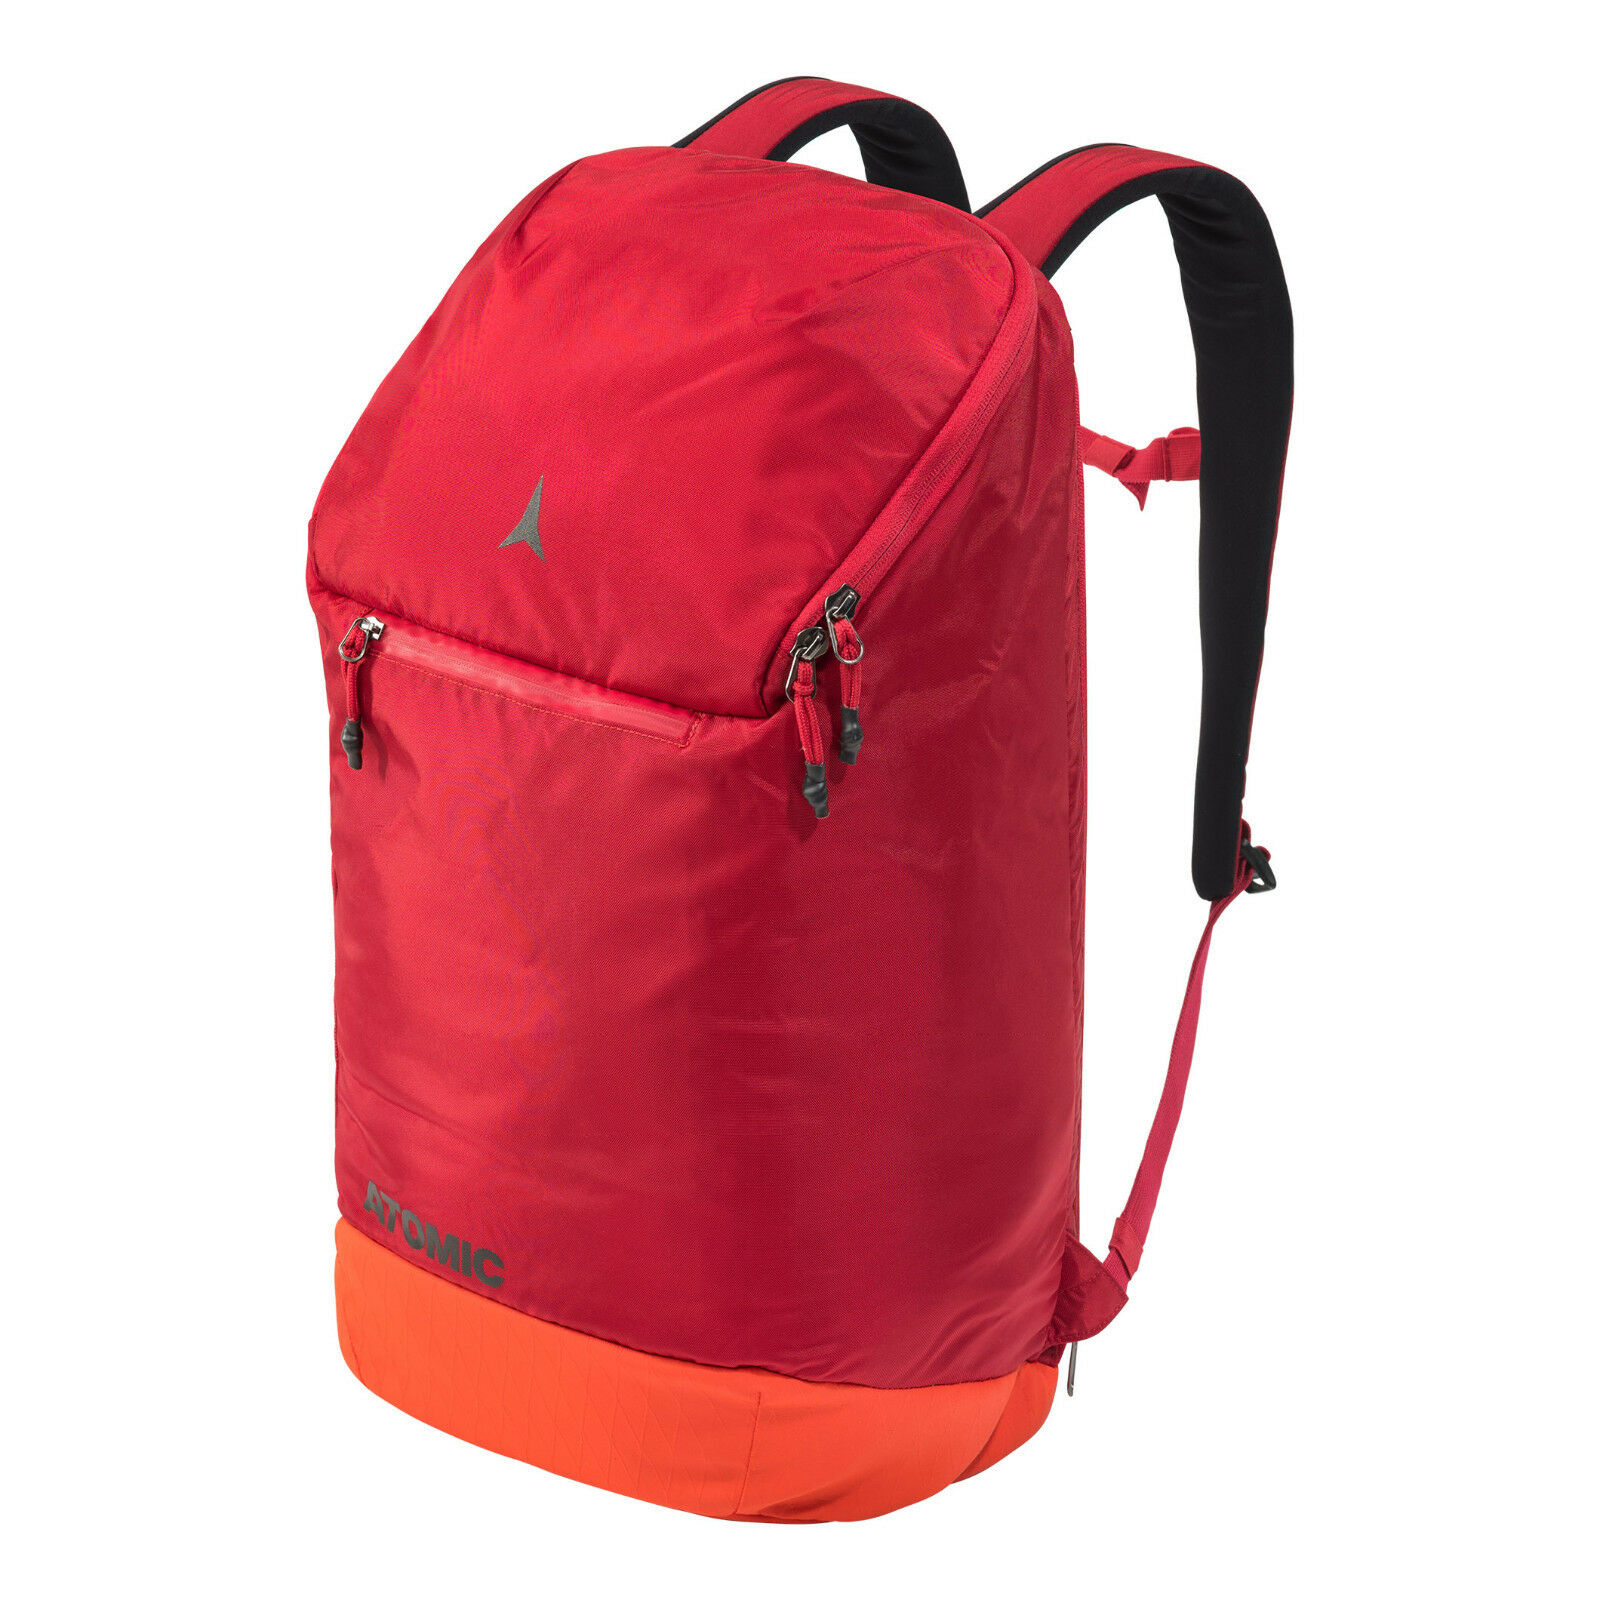 Atomico Pc Portatile Pacco 22 Litro Zaino (Red-Bright-Red) Nuovo Nuovo Nuovo 8f08a9